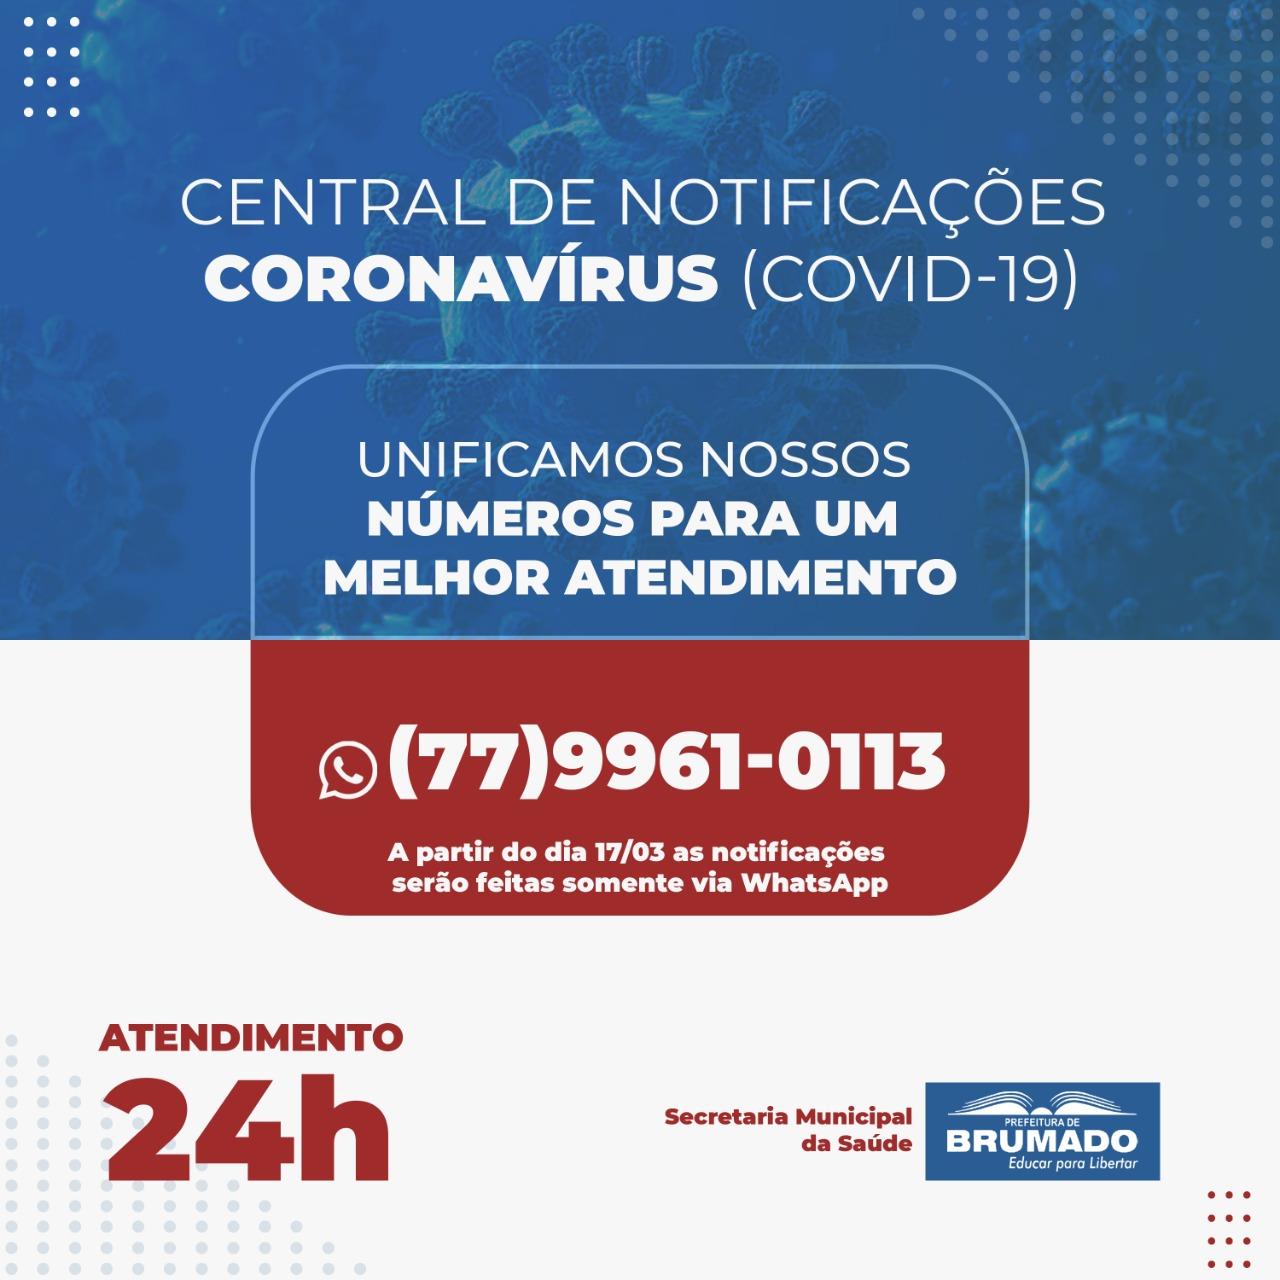 Brumado: Central de Notificações Covid-19 tem números unificados para melhor atendimento